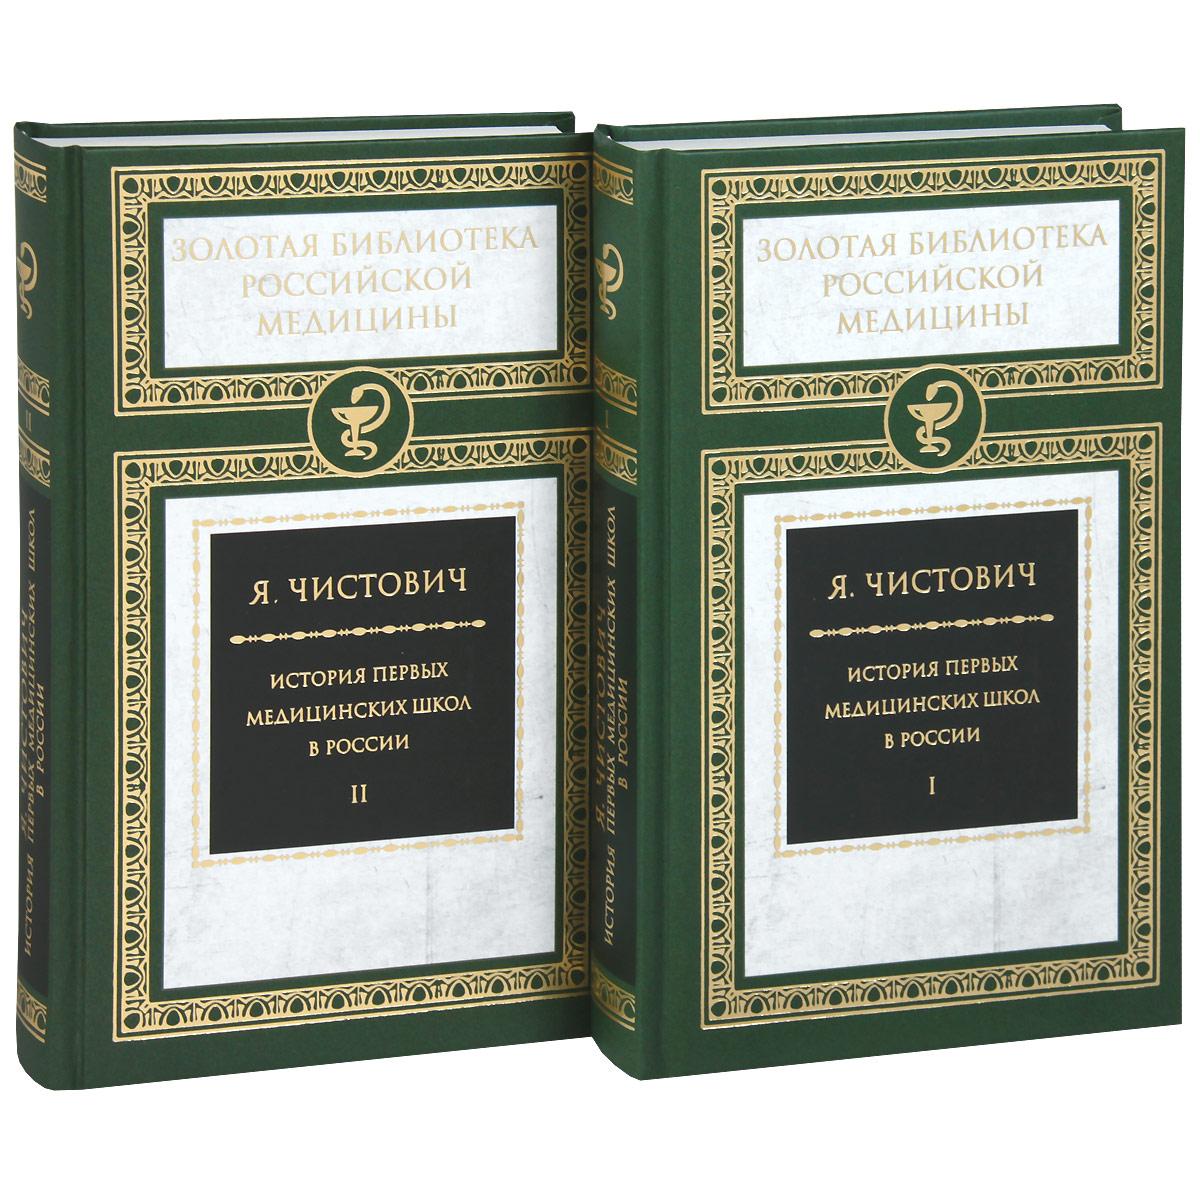 История первых медицинских школ в России (комплект из 2 книг)